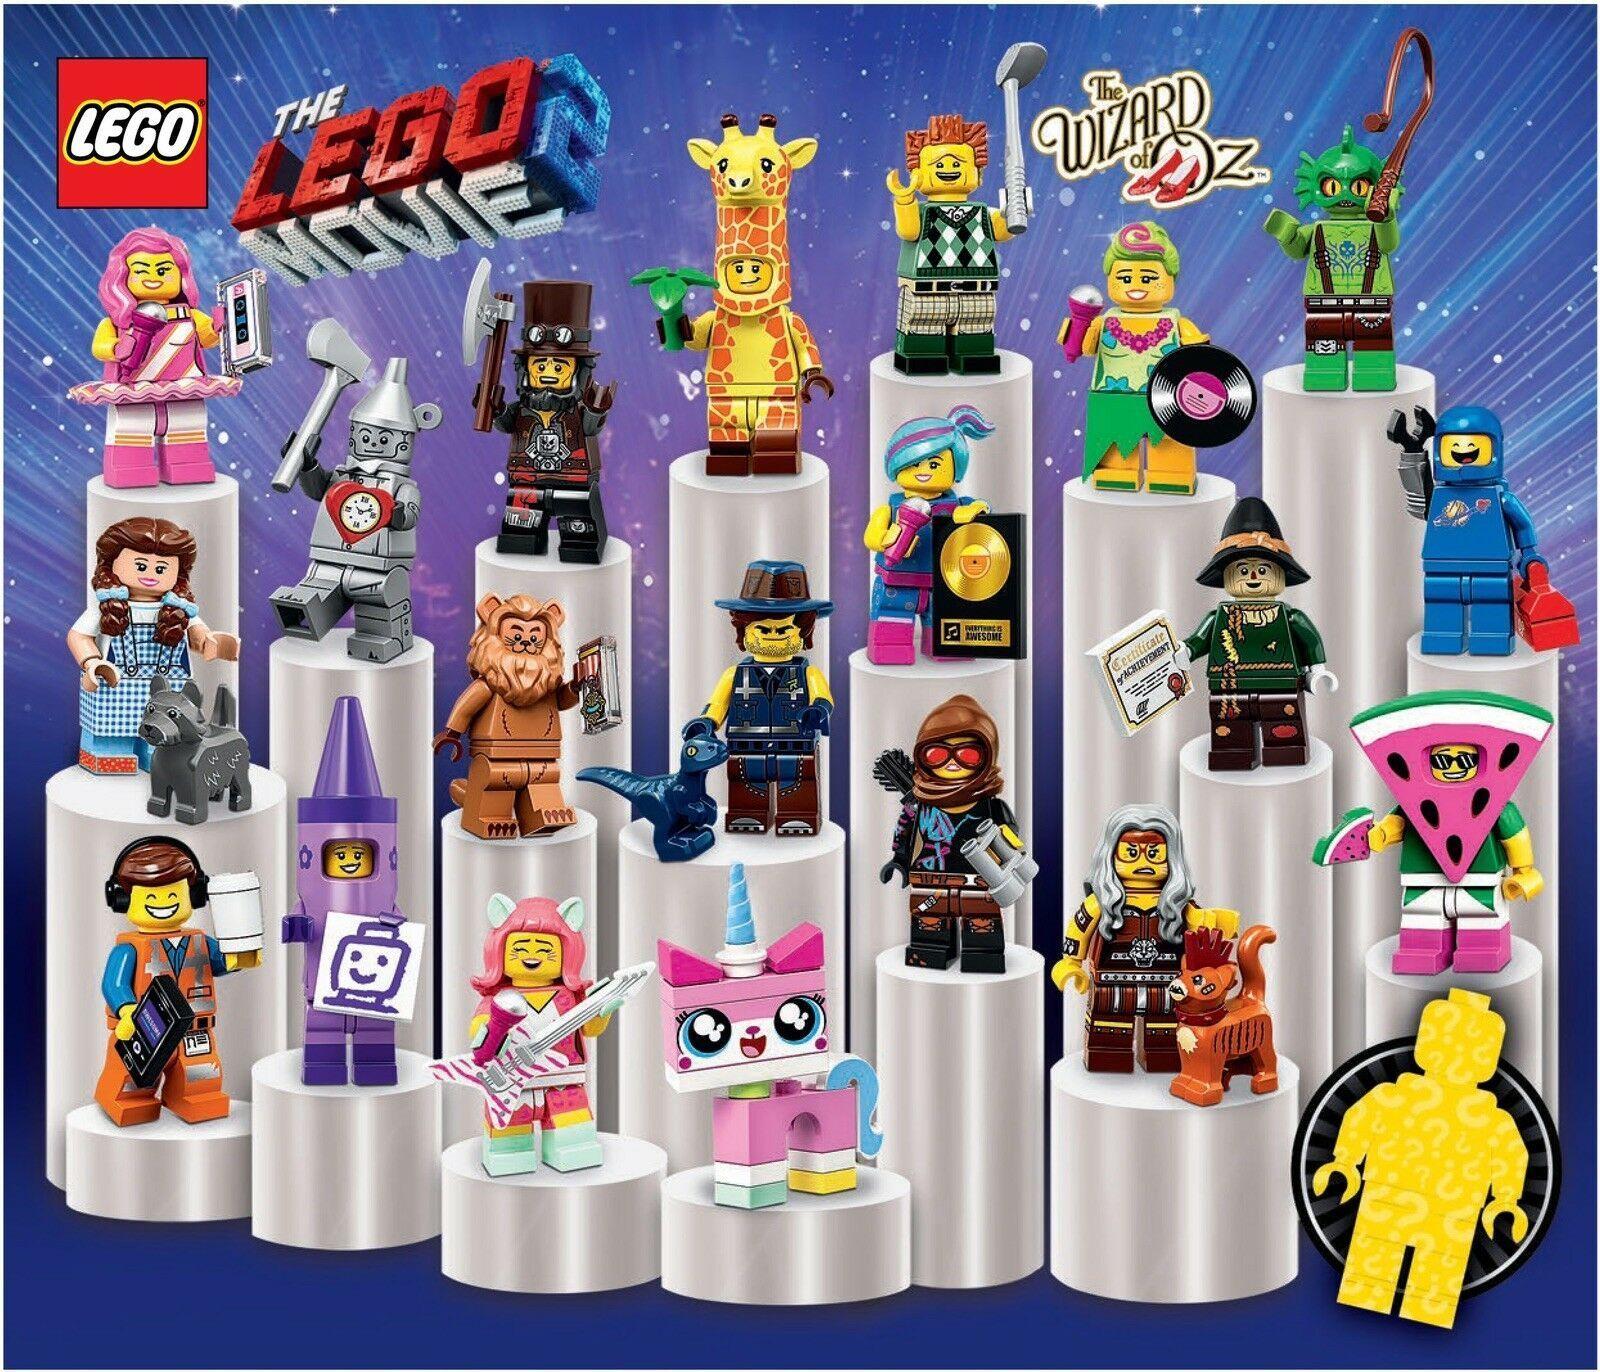 LEGO  Minicifras The Lego Movie 2   71023 - completare Set of 20 IN He.. W  OZ  ordina ora goditi un grande sconto